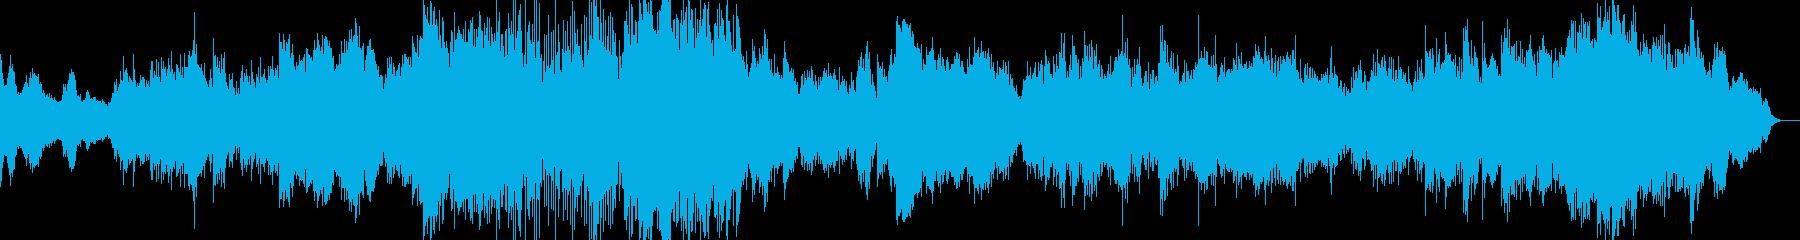 かっこいいシネマ音楽に仕上げましたの再生済みの波形